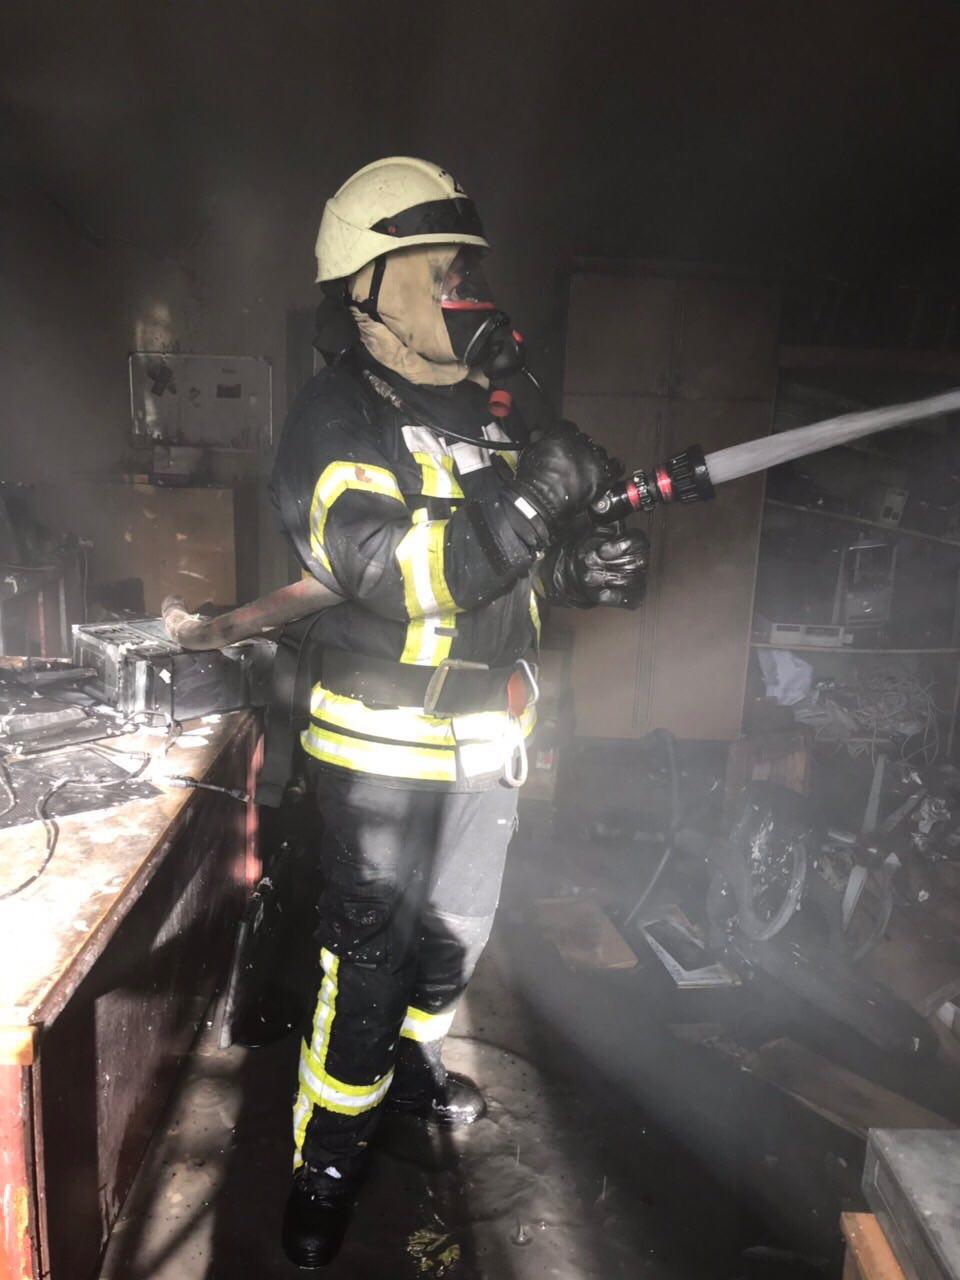 Причины пожара уточняются